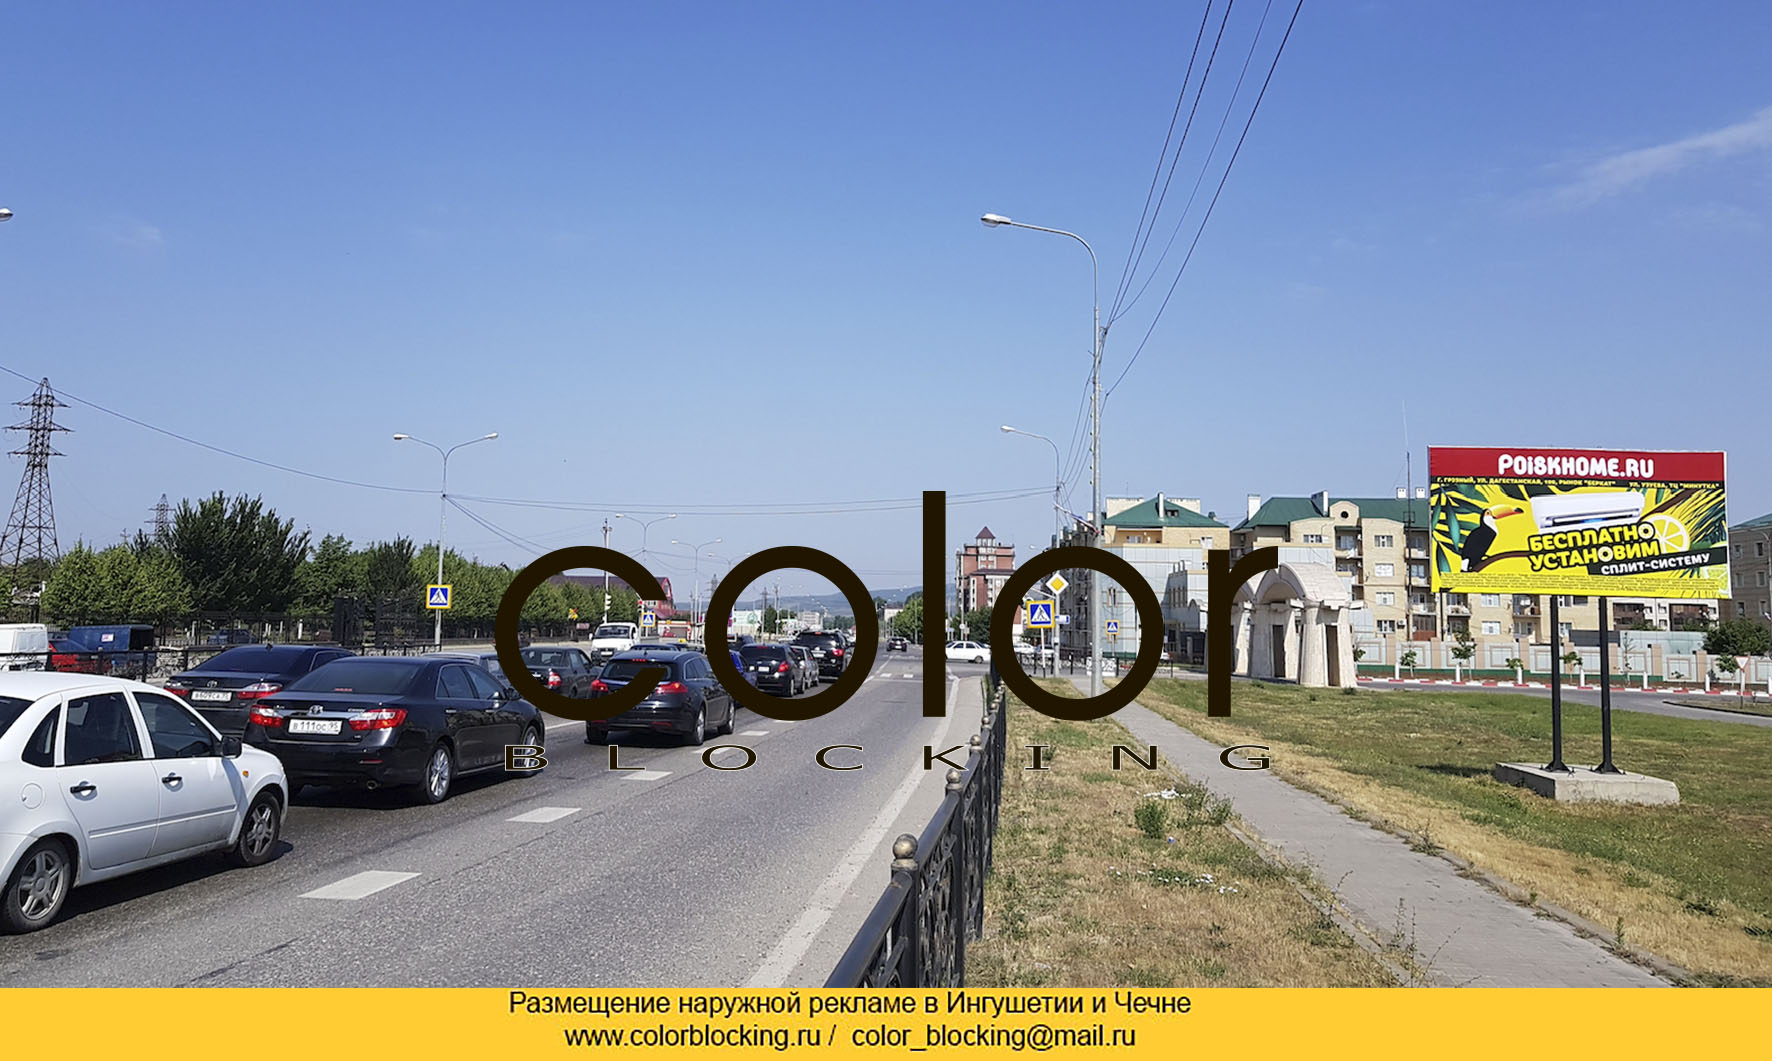 Рекламные услуги в Грозном Гудермес